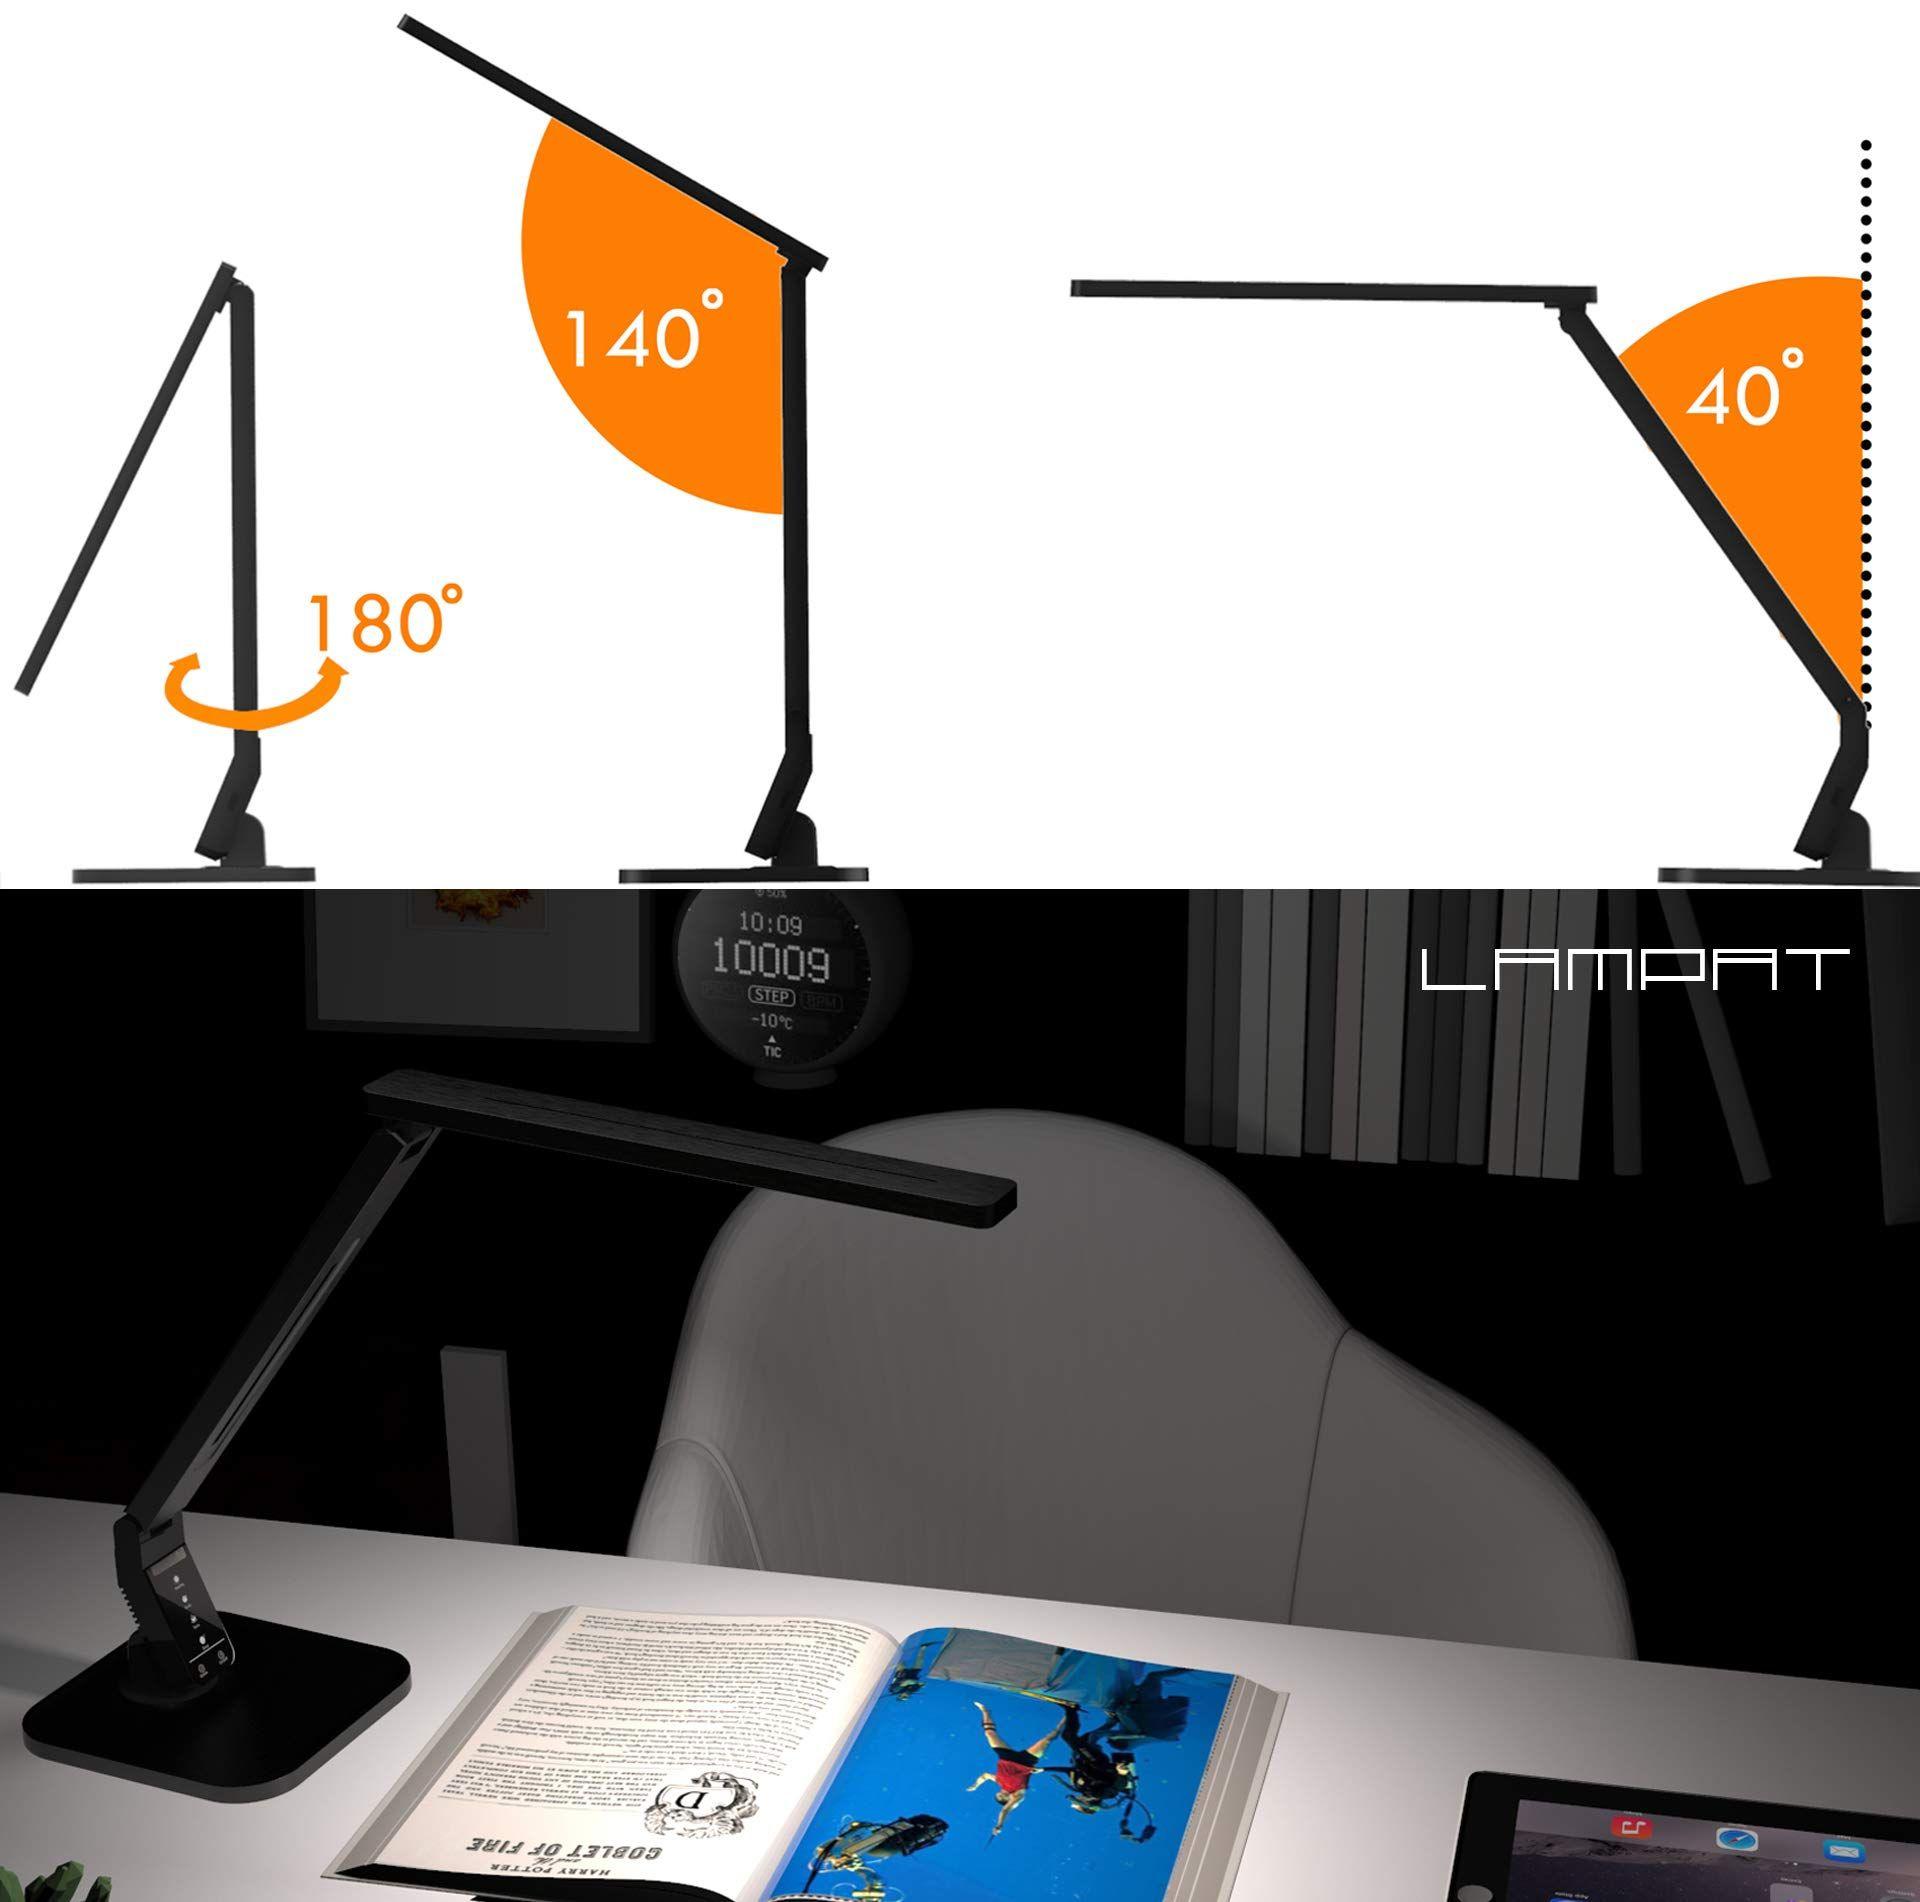 Lampat Led Desk Lamp Dimmable Led Table Lamp Black 4 Lighting Modes 5level Dimmer Touchsensitive Control Panel 1hour Led Desk Lamp Led Table Lamp Dimmable Led